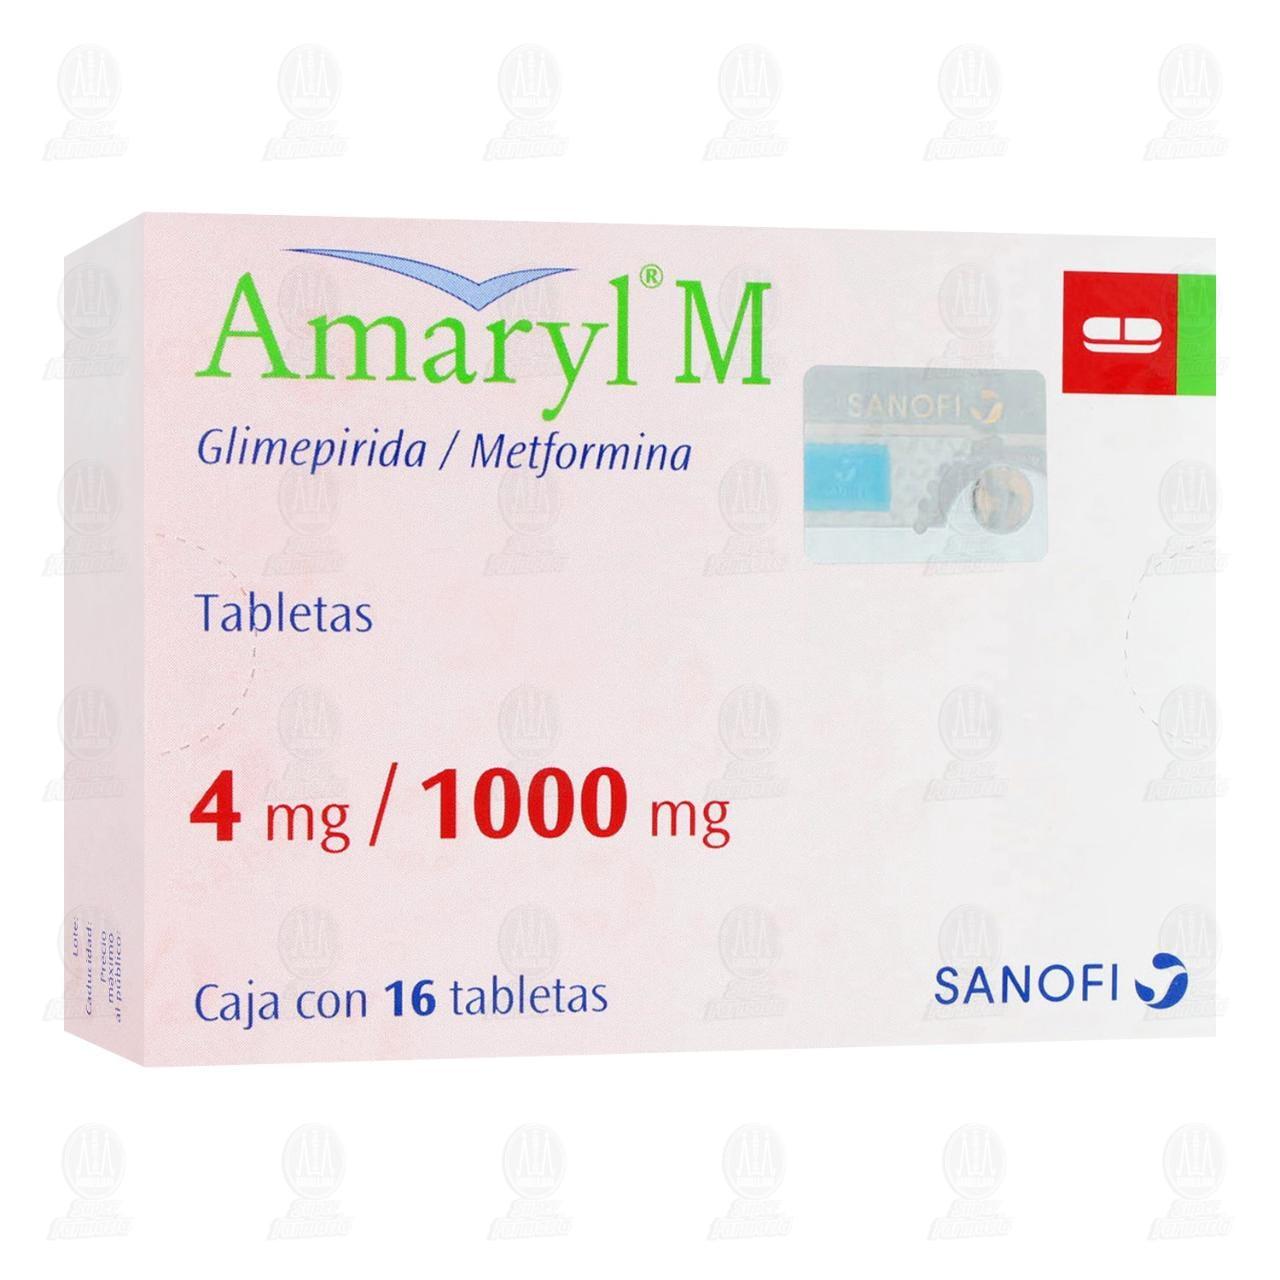 comprar https://www.movil.farmaciasguadalajara.com/wcsstore/FGCAS/wcs/products/1062956_A_1280_AL.jpg en farmacias guadalajara